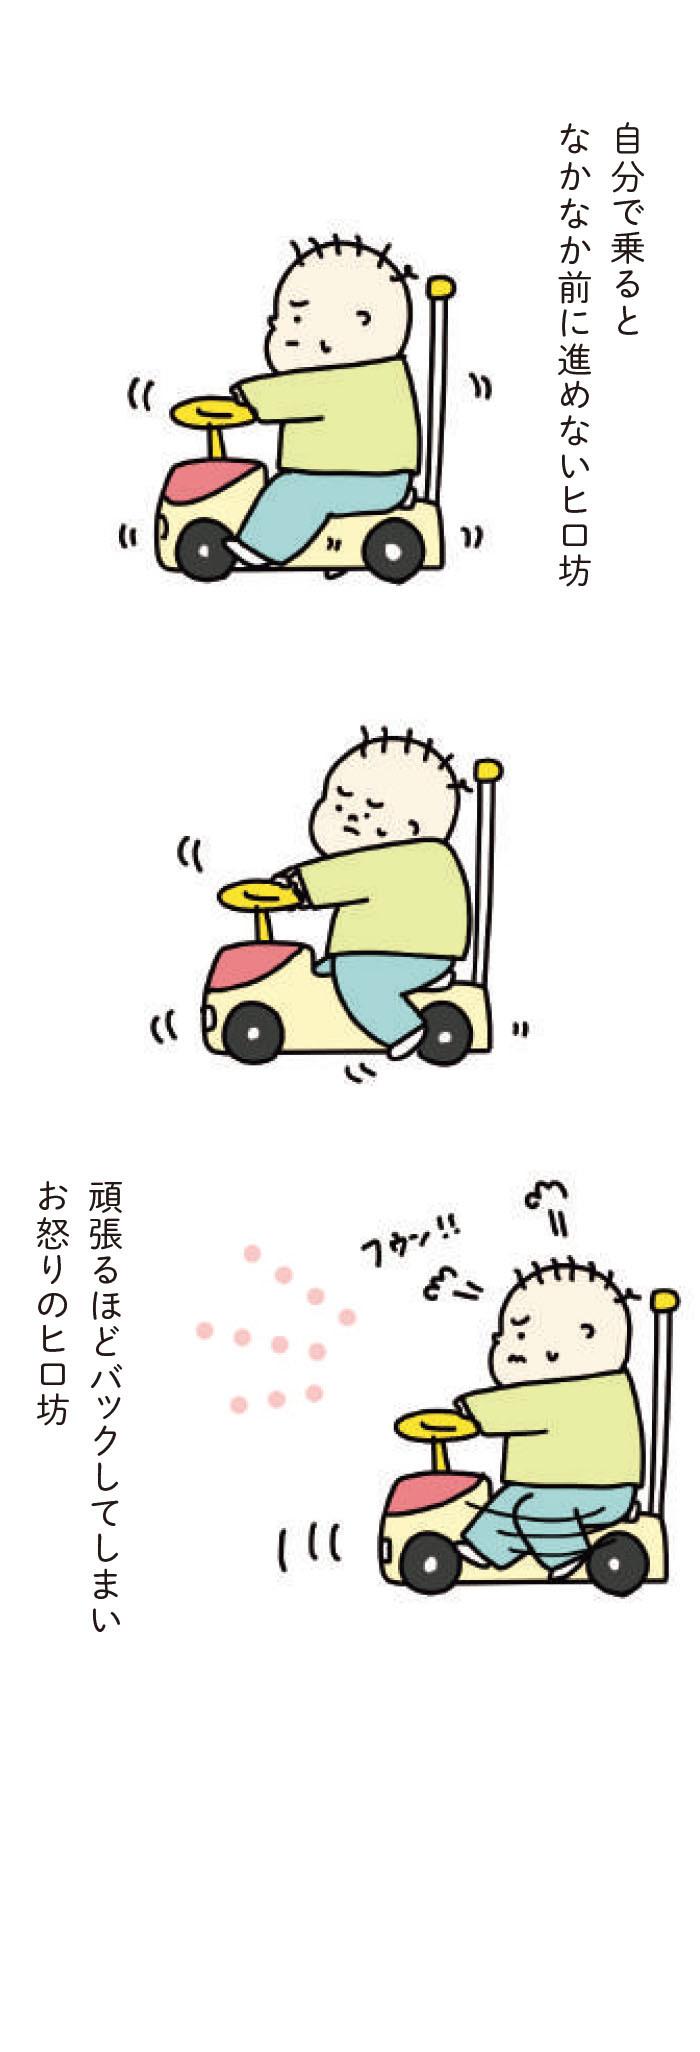 初めての手押し車。初心者がゲームやるとこうなるよね~の画像2